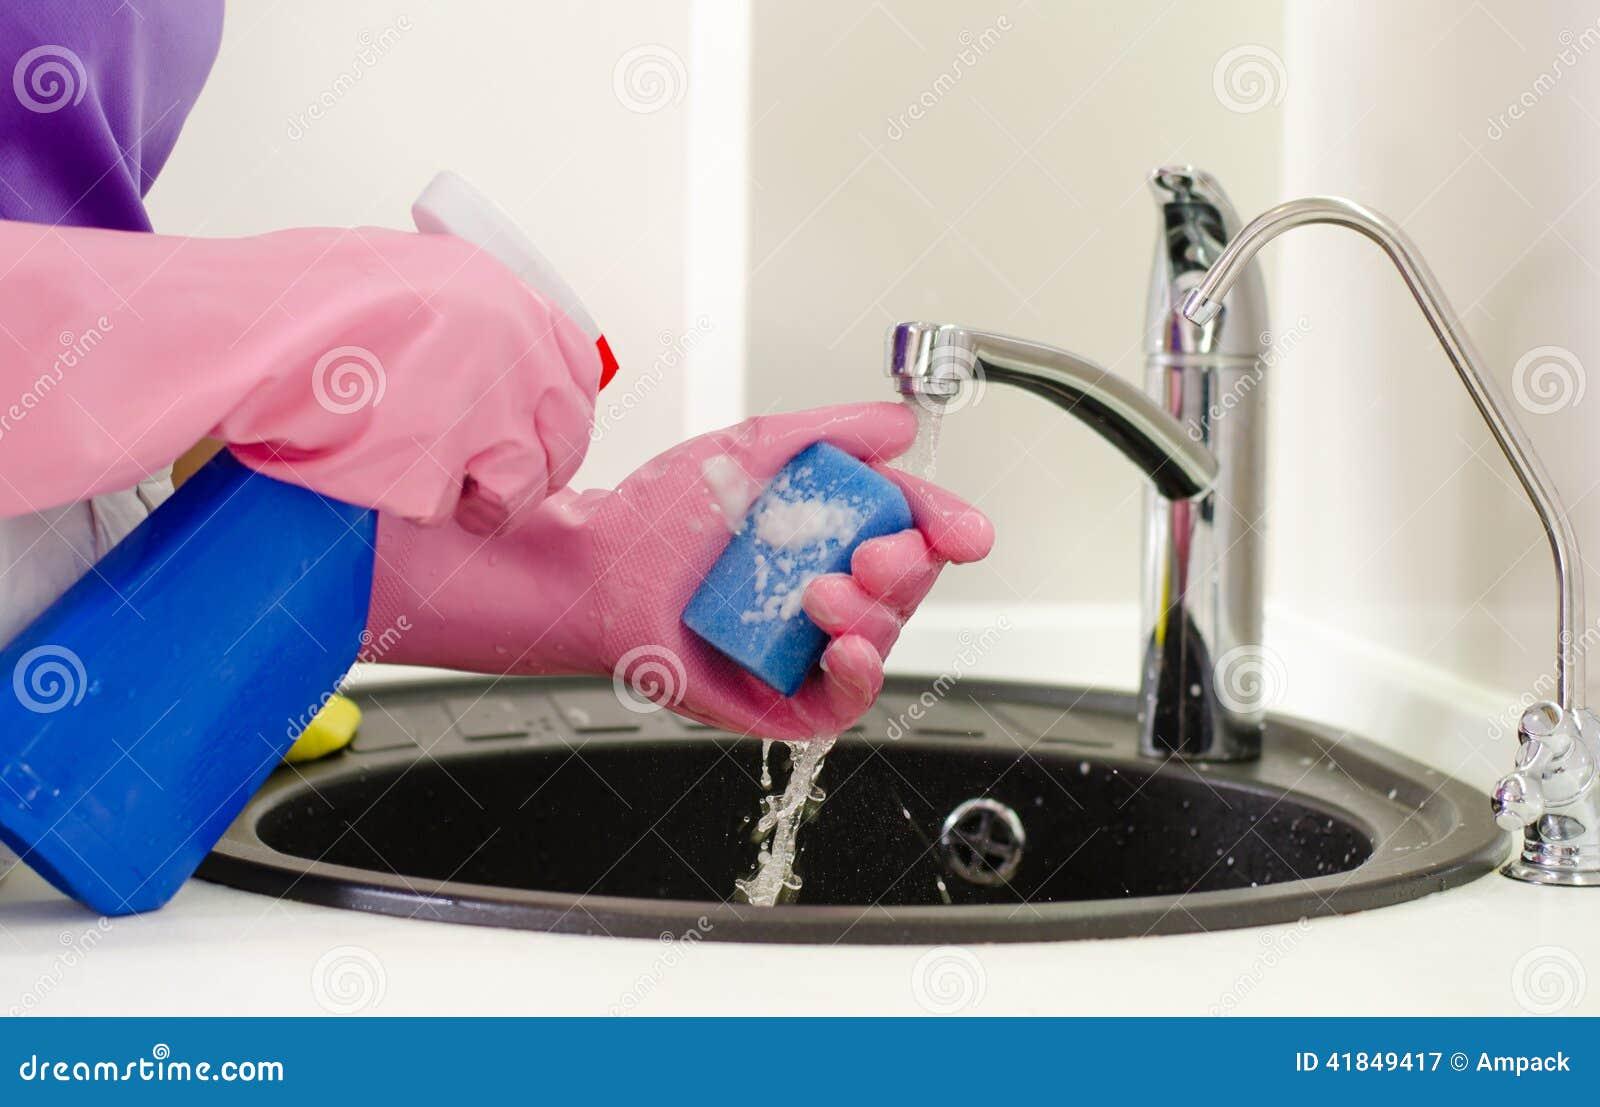 Femme faisant le lavage